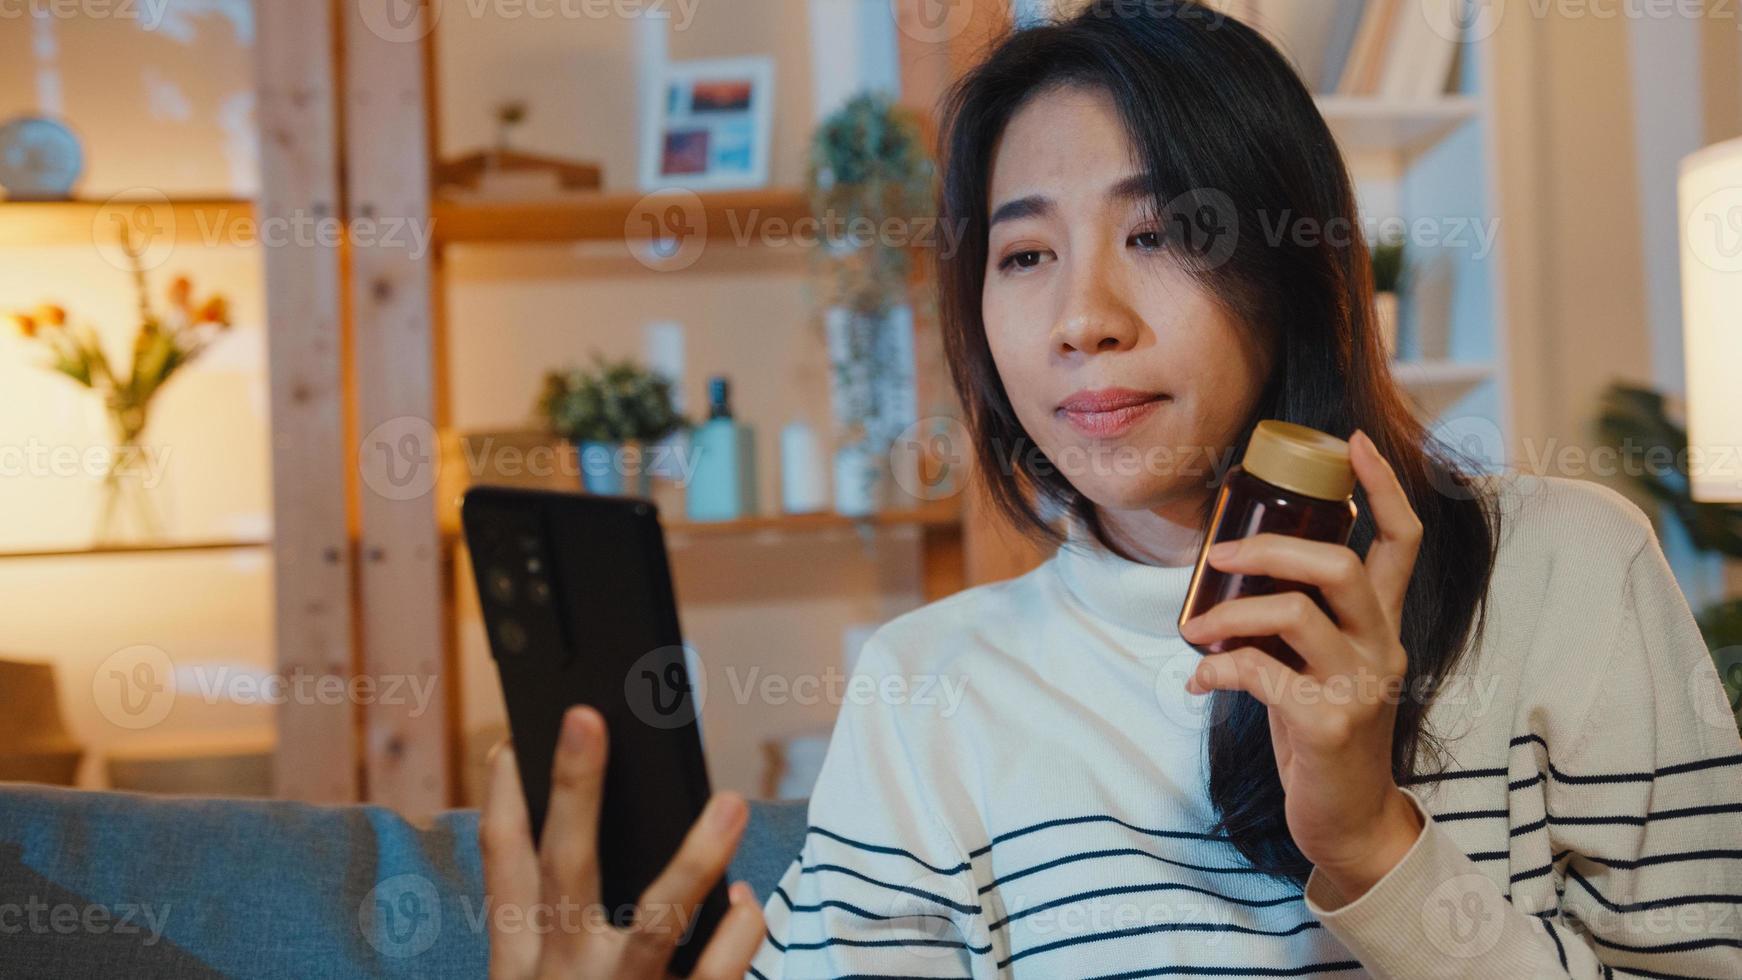 enferma joven asiática mantenga la medicina sentarse en el sofá videollamada con el teléfono consulte con el médico en la noche en casa. chica toma medicamentos después de la orden del médico, cuarentena en la casa, virus corona de distancia social. foto